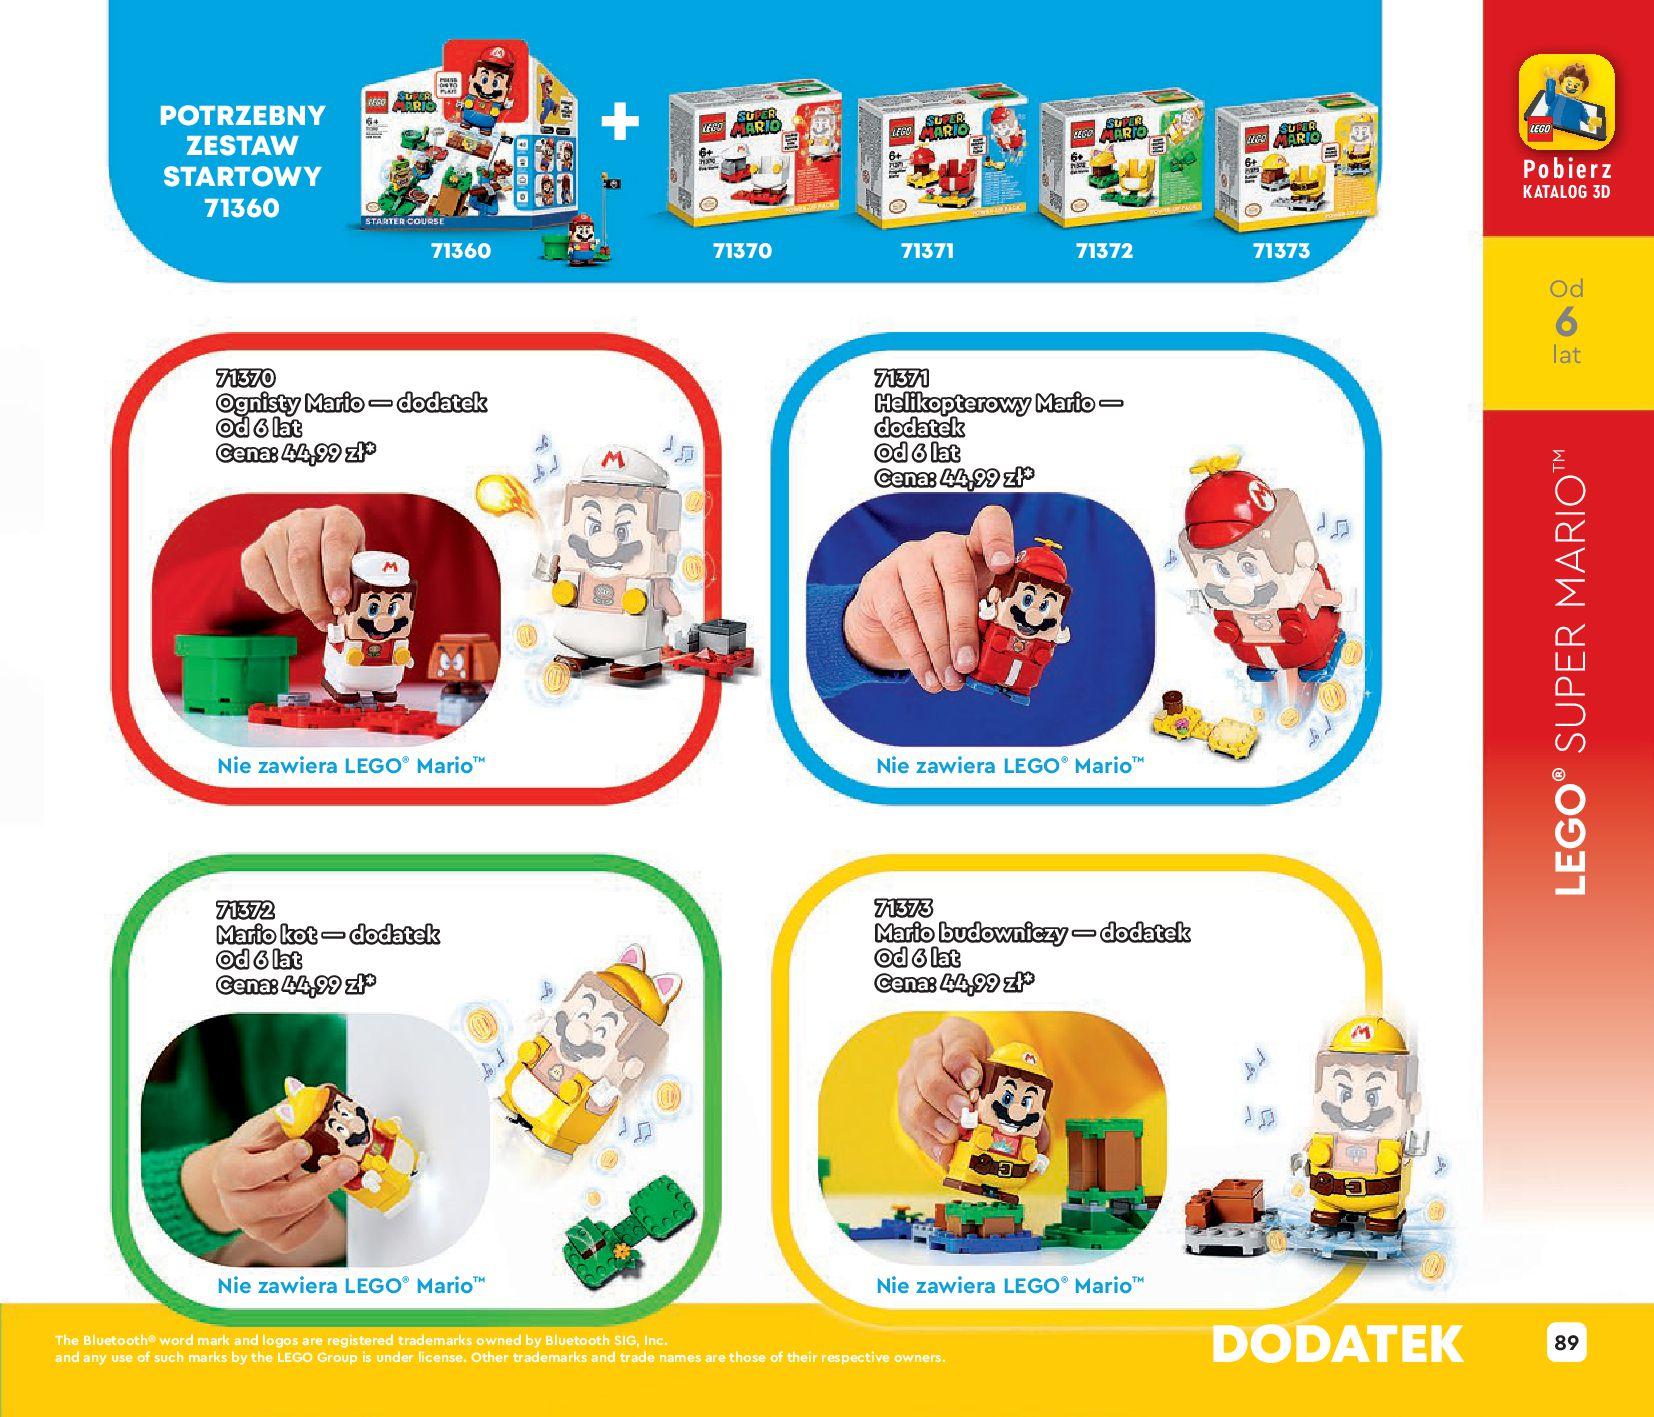 Gazetka LEGO: Katalog LEGO STYCZEŃ-MAJ 2021 2021-01-01 page-89